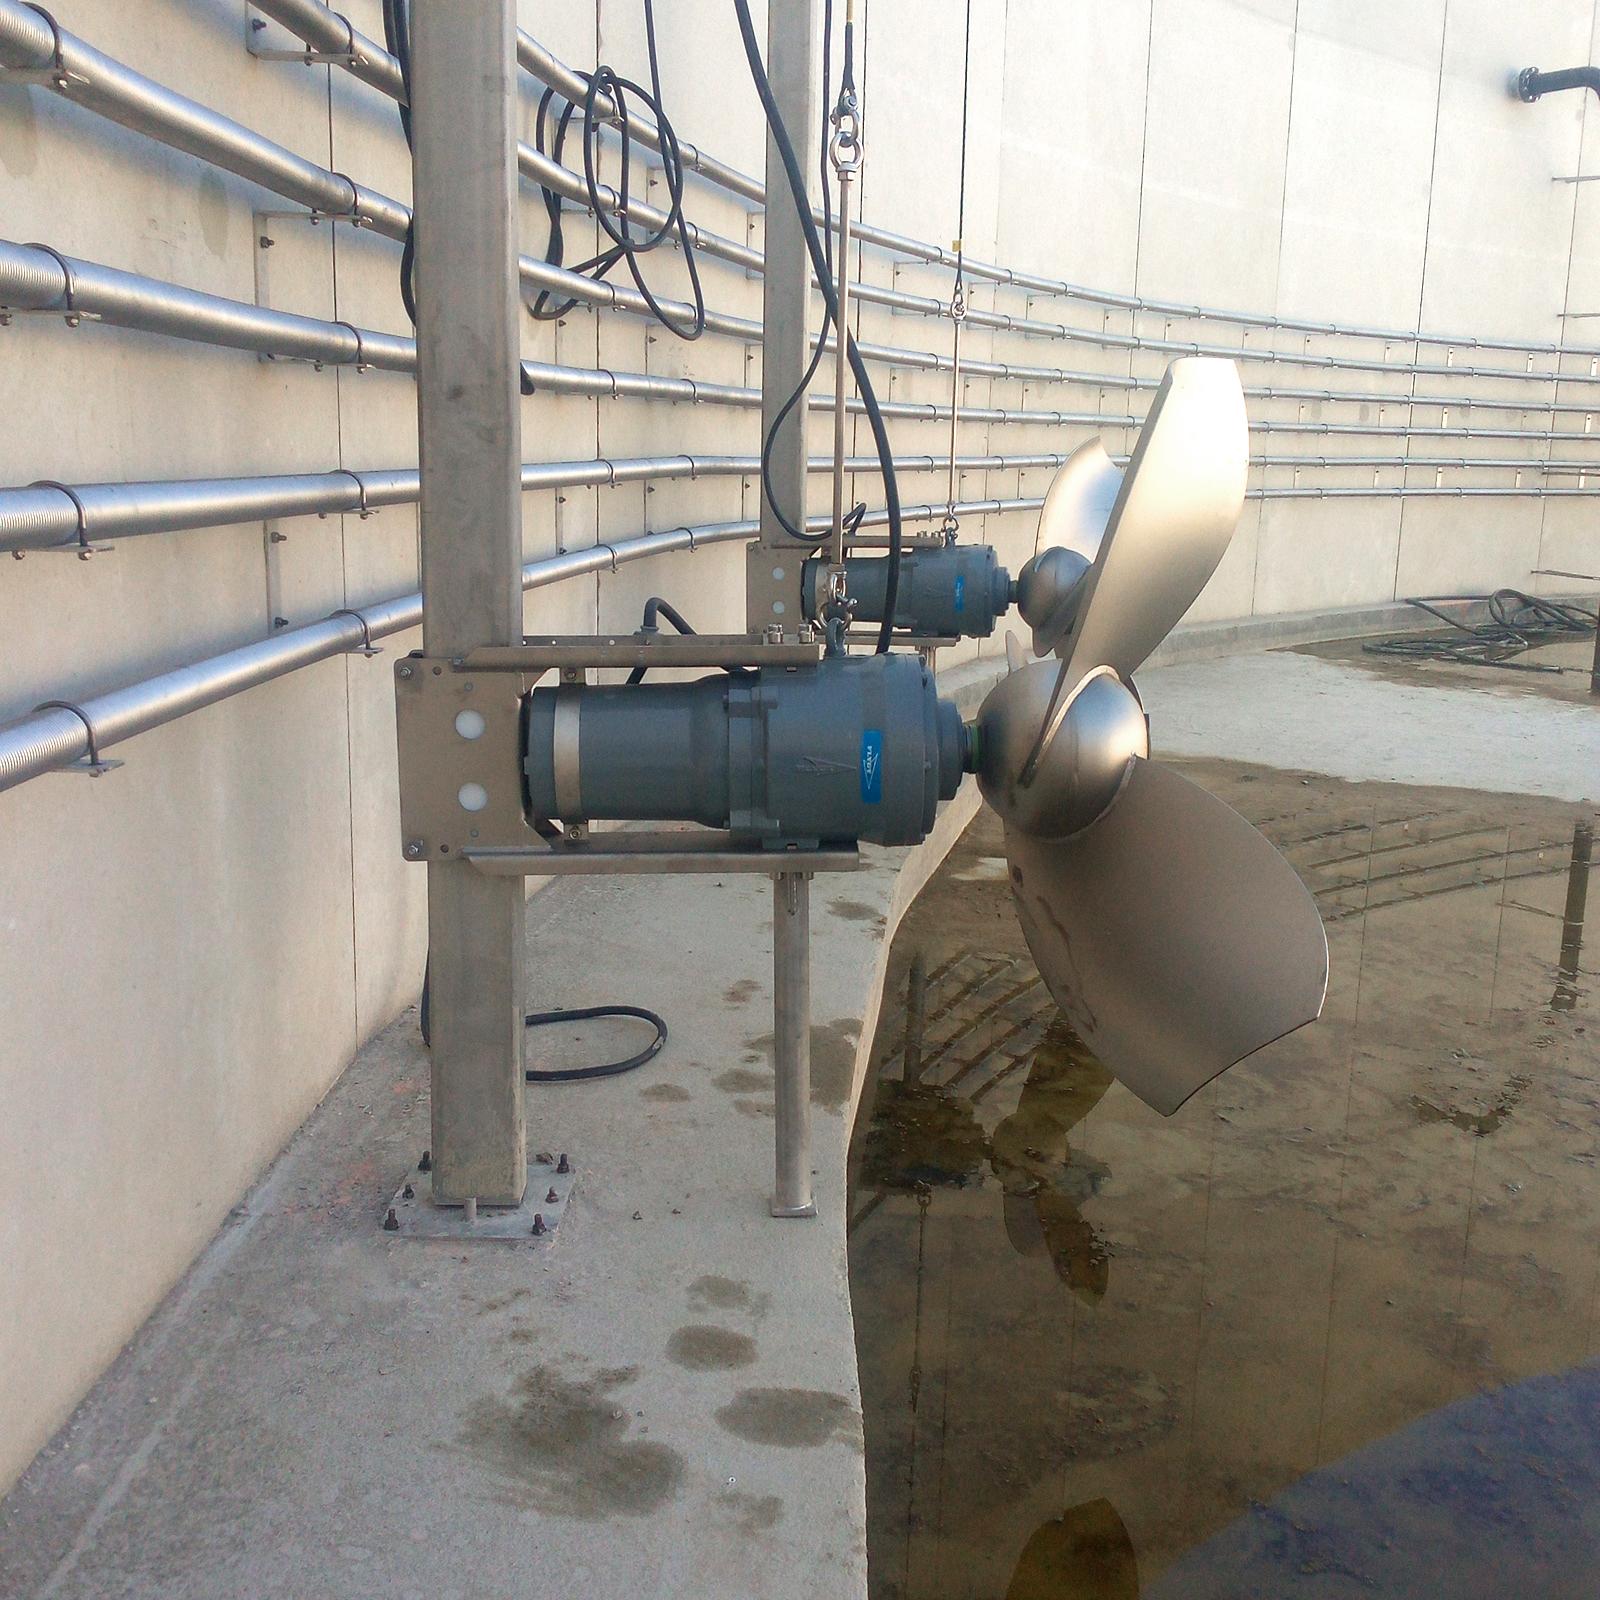 Planta Biogás Metha Val de Saone INDEREN-InstalaciónEquiposEnTanques-Digestor02